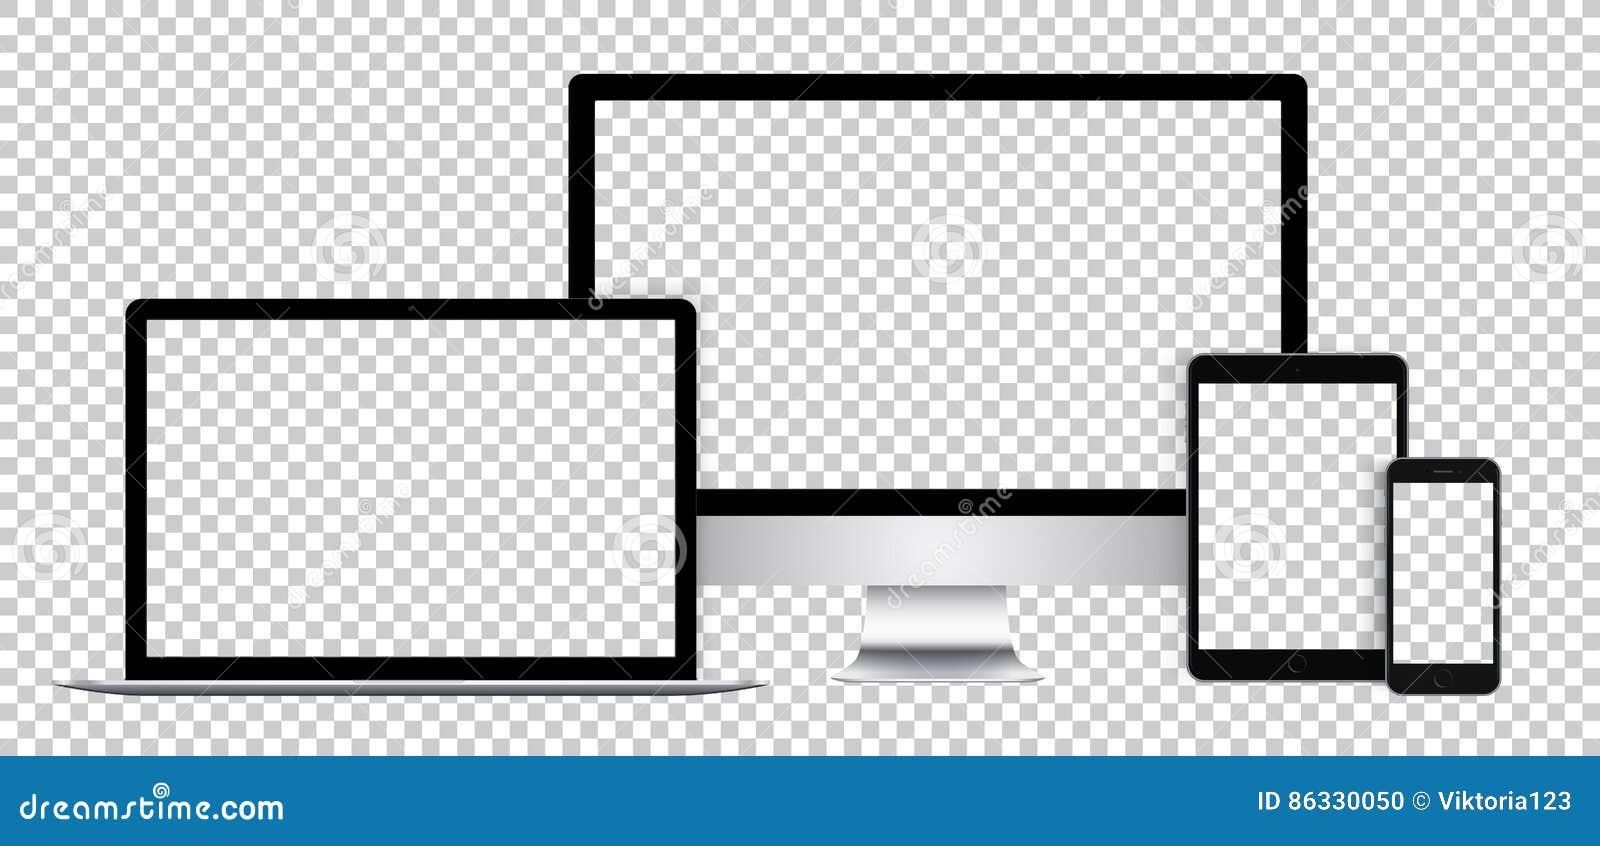 Sistema realista de dispositivos electrónicos, de la exhibición negra, del ordenador portátil, de la tableta y del teléfono con l